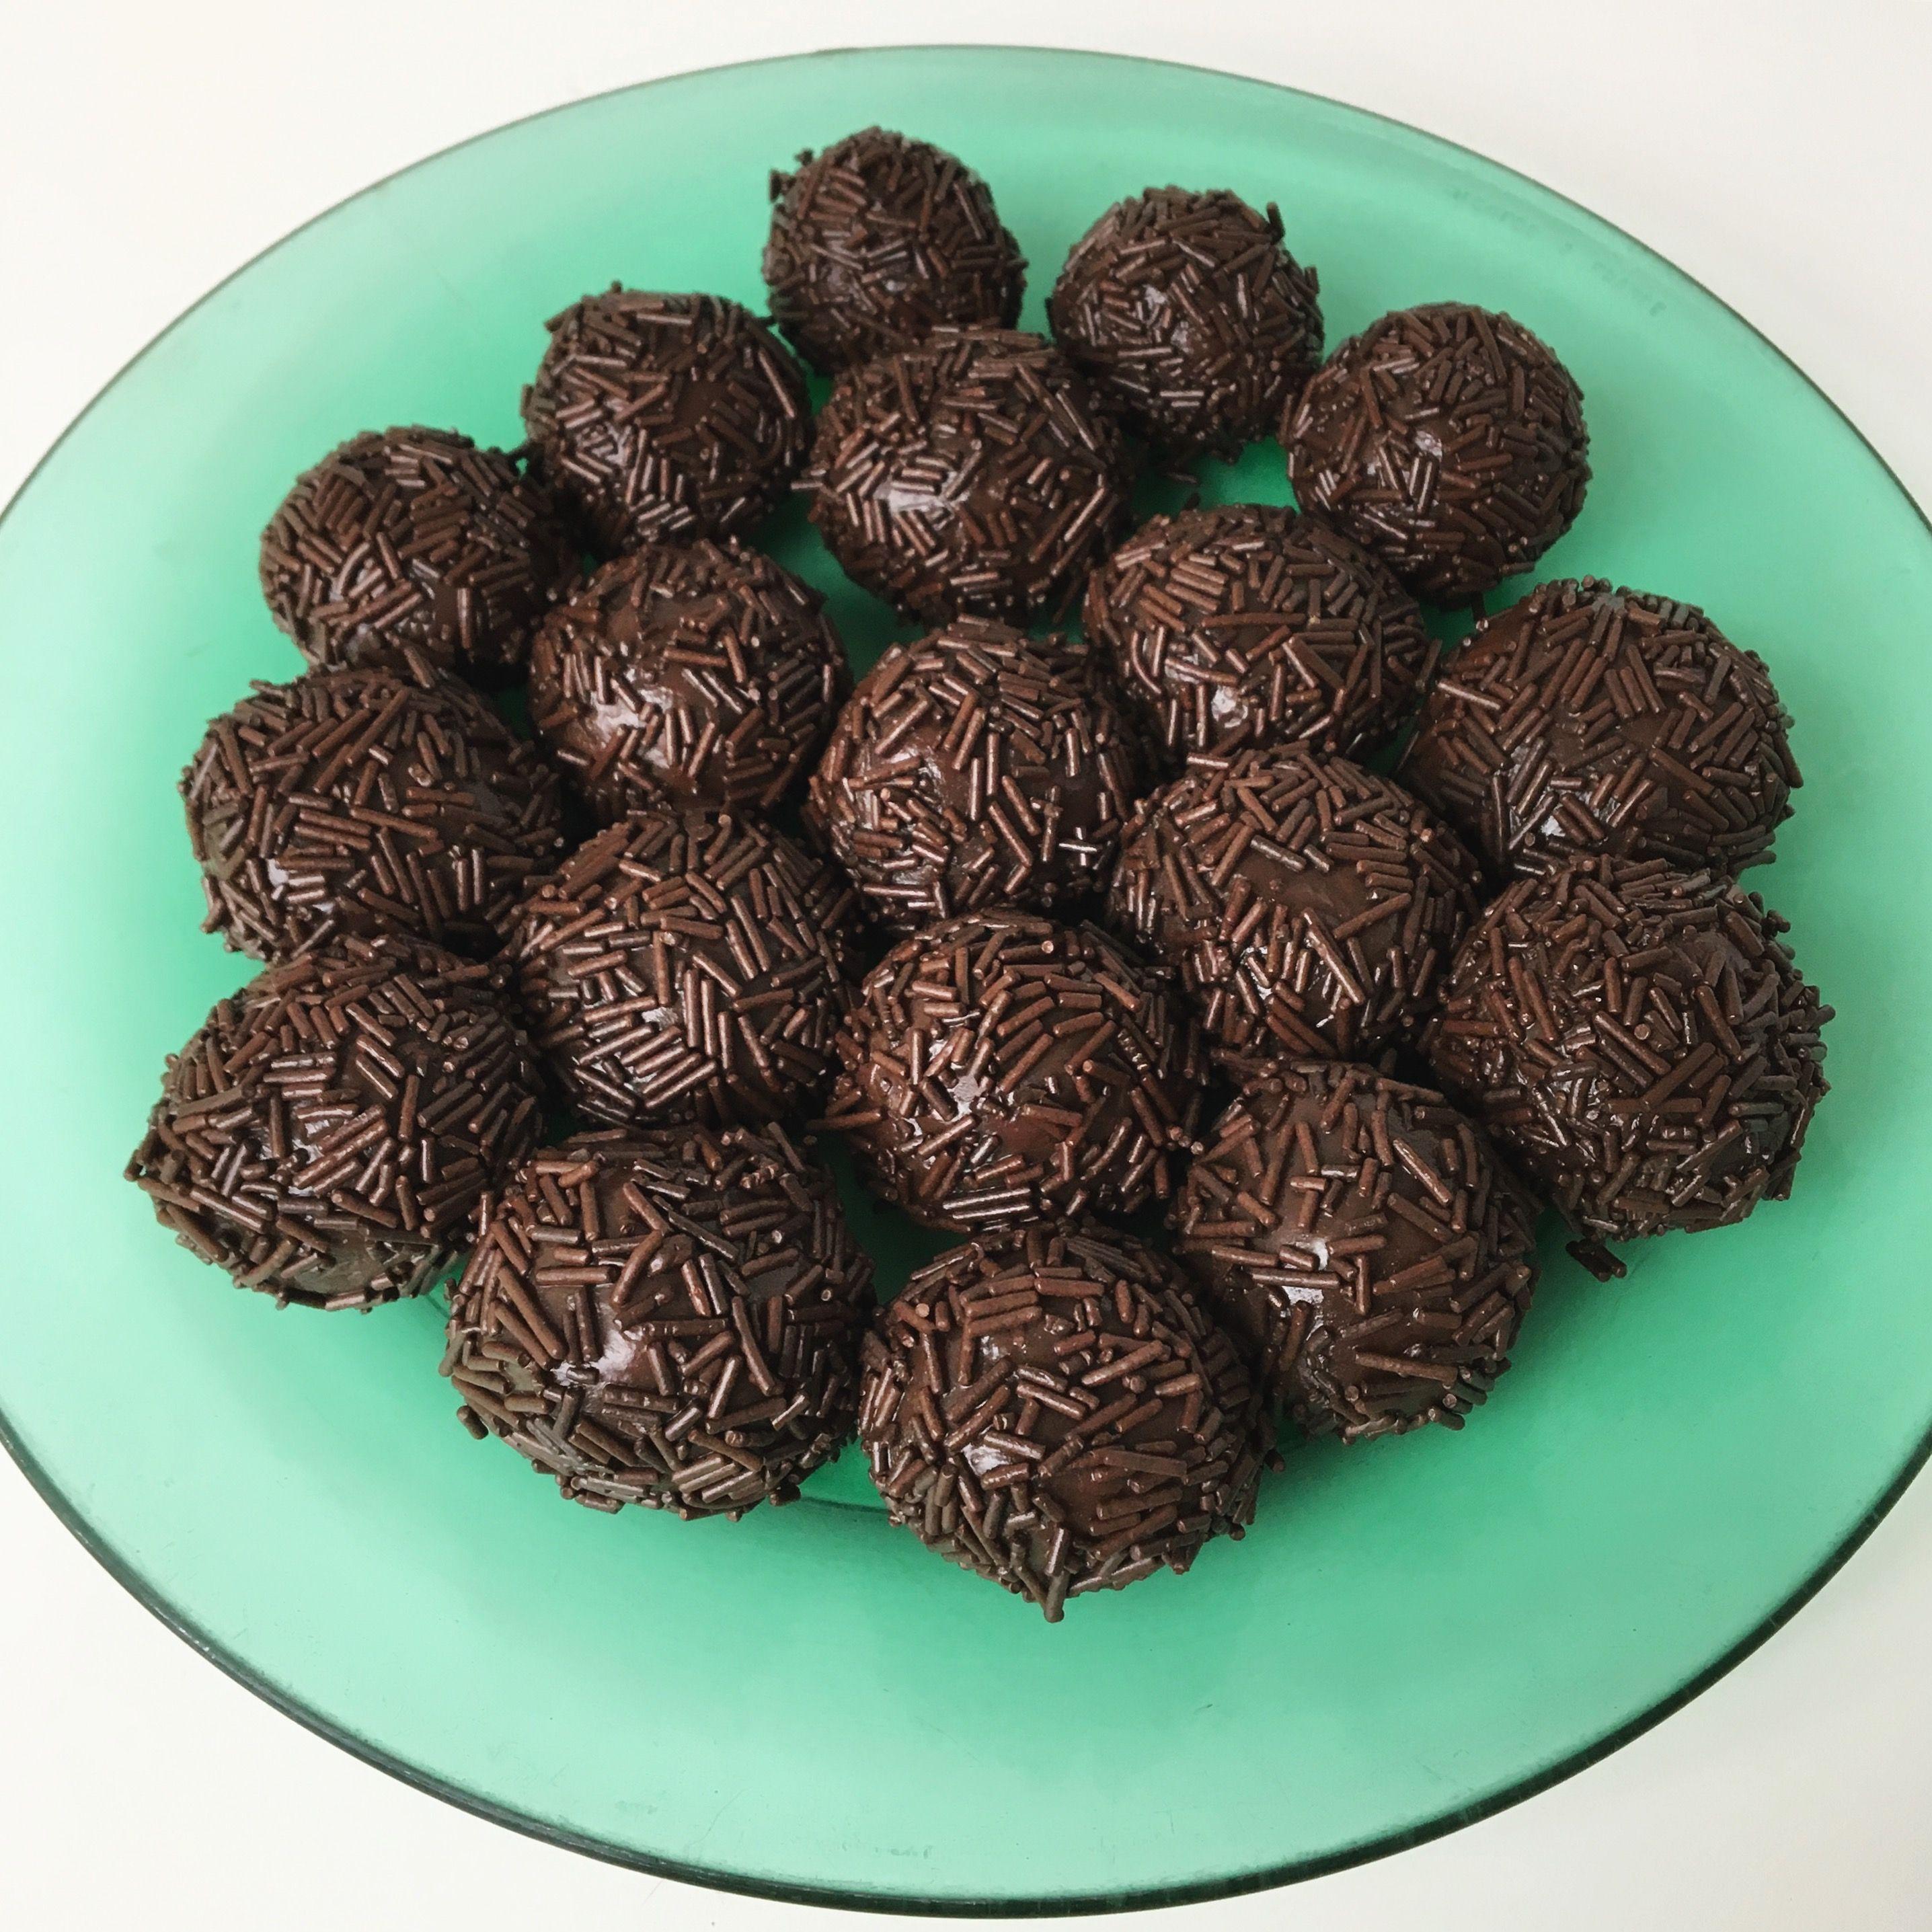 Brigadeiros Recipe By Tasty Recipe Tasty Cocoa Chocolate Recipes